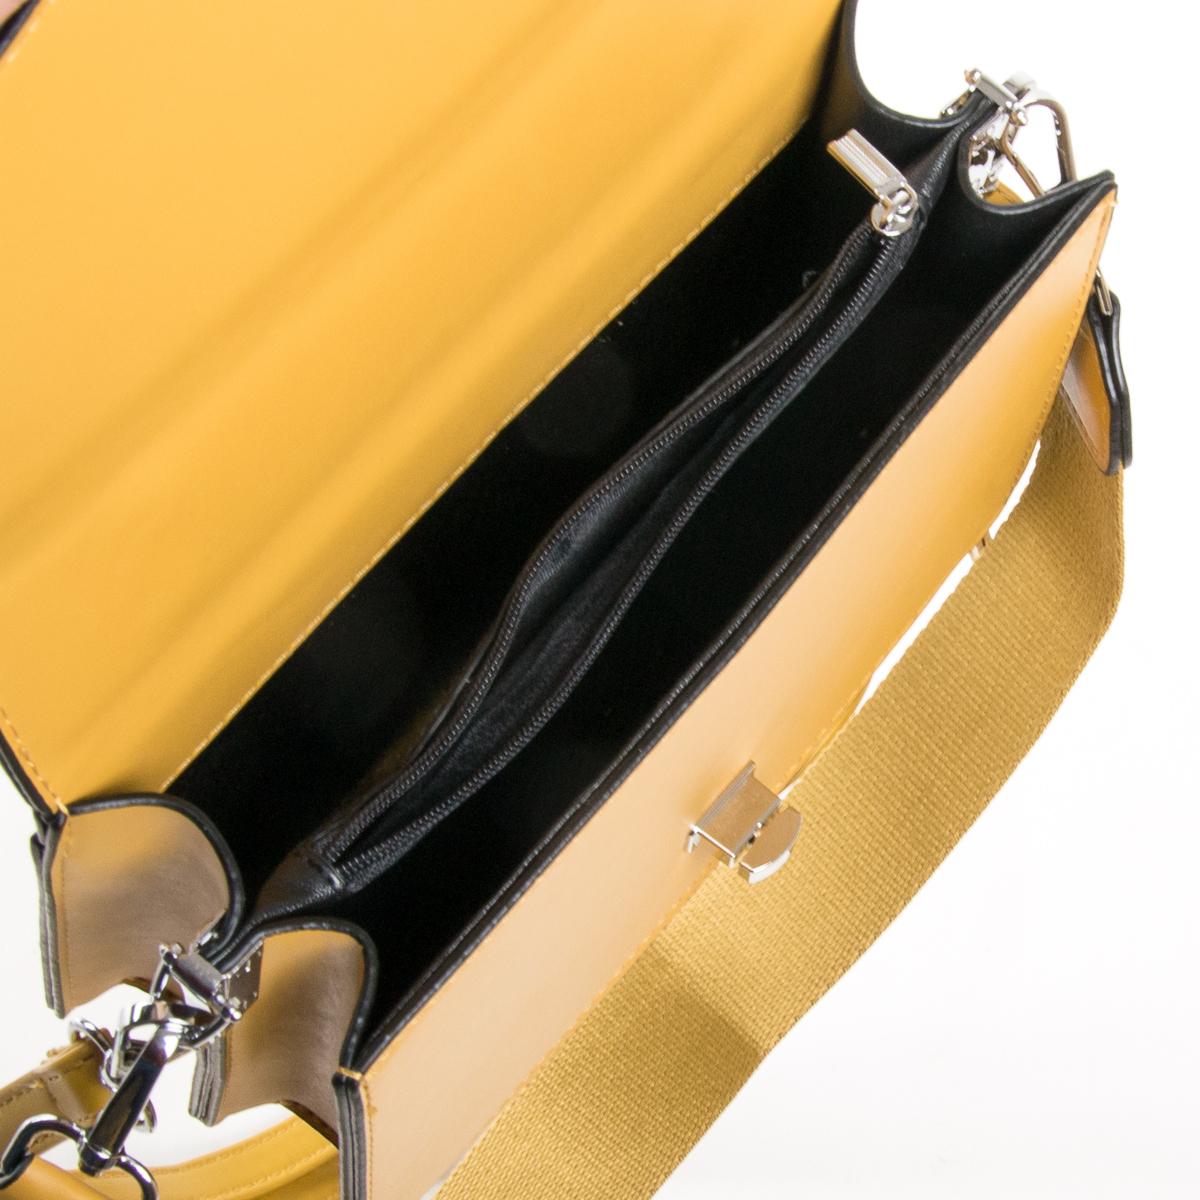 Сумка Женская Классическая иск-кожа FASHION 01-03 33002 yellow - фото 5